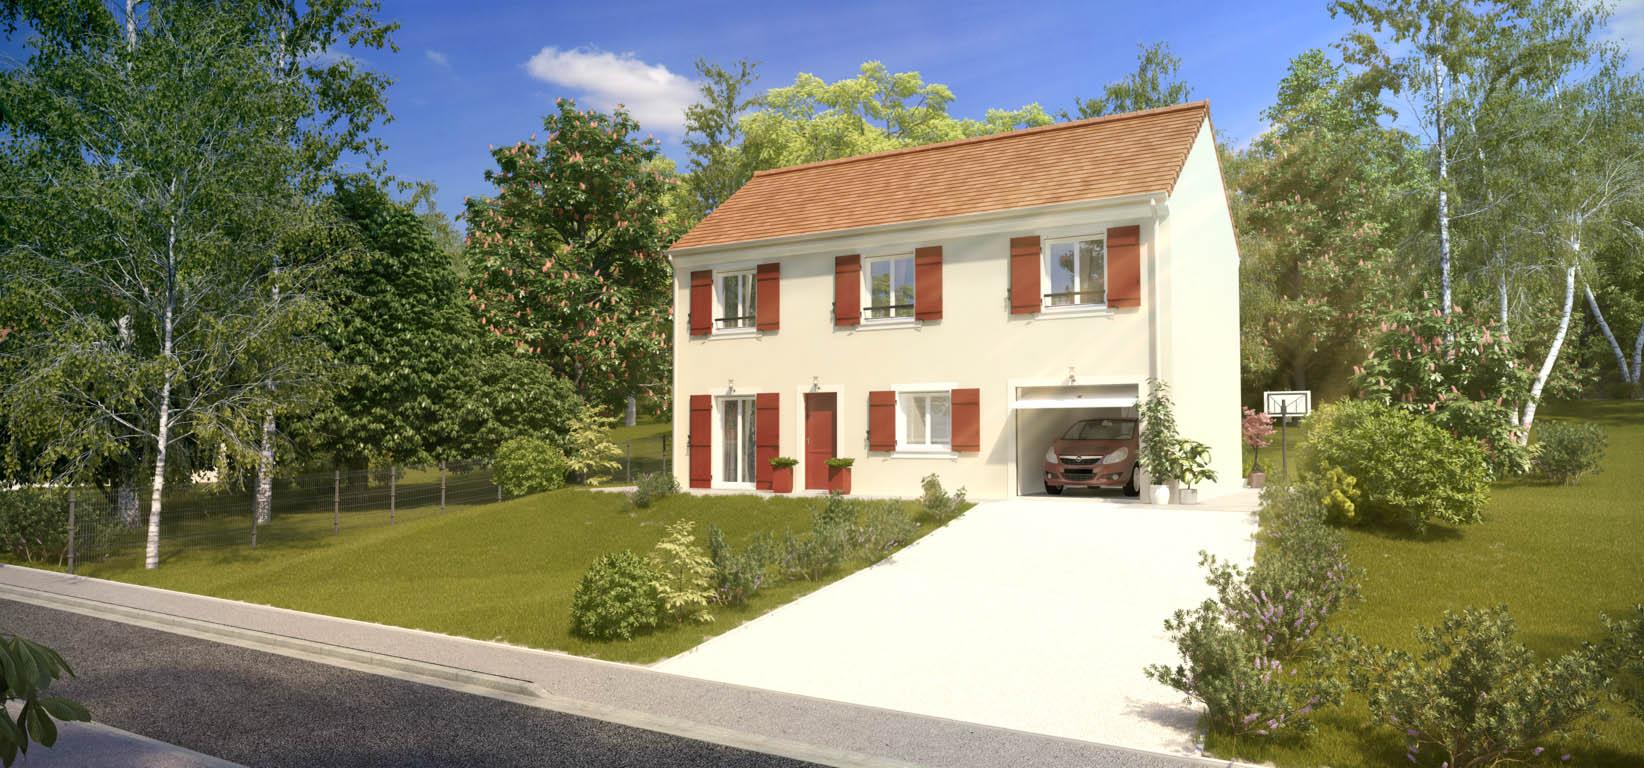 Maisons du constructeur HABITAT PAR CŒUR AULNAY 3 • 108 m² • LIVRY GARGAN